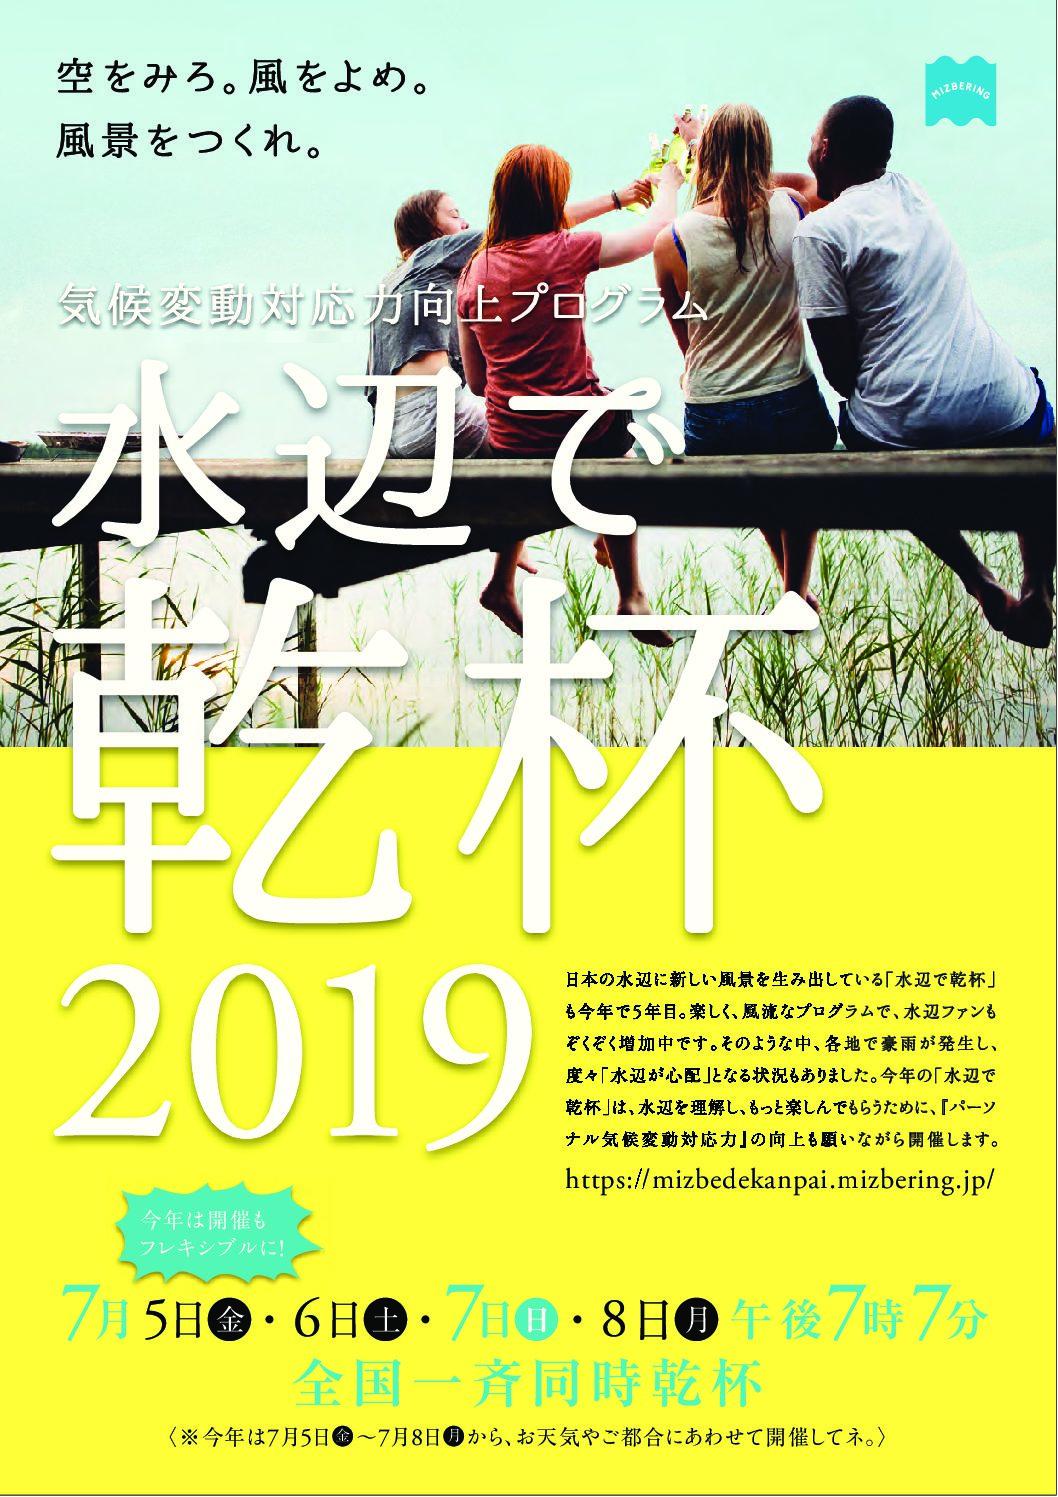 水辺で乾杯 2019 in 広瀬川が開催されます!!